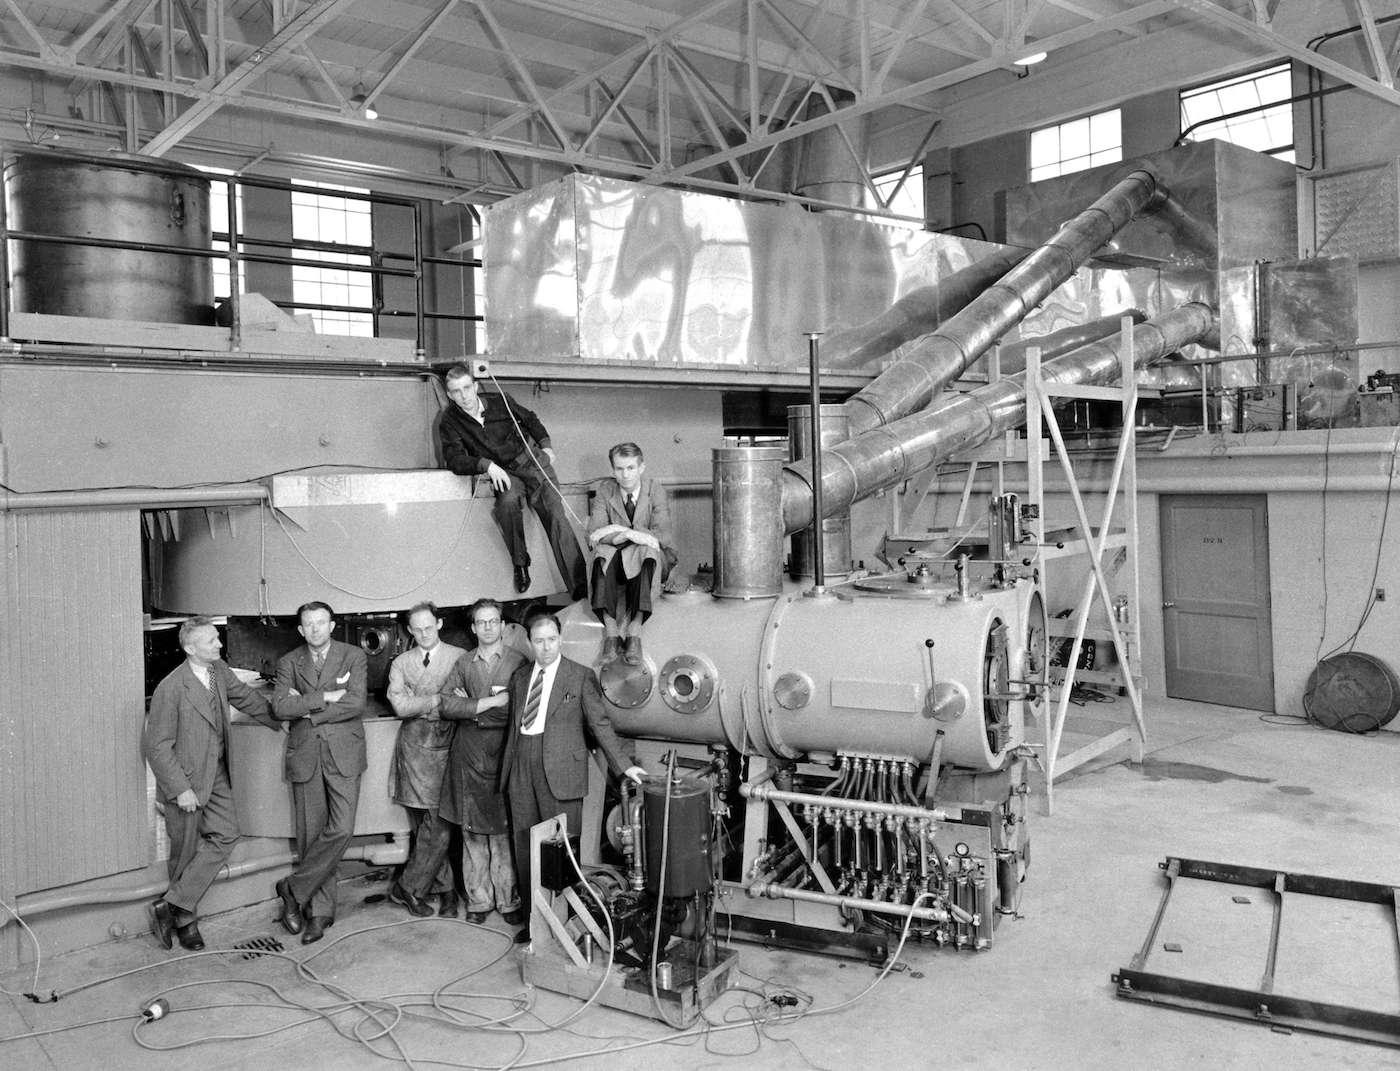 Le lawrencium a été baptisé en l'honneur du physicien américain Ernest Orlando Lawrence, père du cyclotron, un instrument qui a permis de découvrir bon nombre d'éléments chimiques transuraniens. Sur la photo, le 60-Inch Cyclotron de l'université de Californie, à Berkeley. © Lawrence Berkeley National Lab, Flickr, CC by-nc-nd 2.0